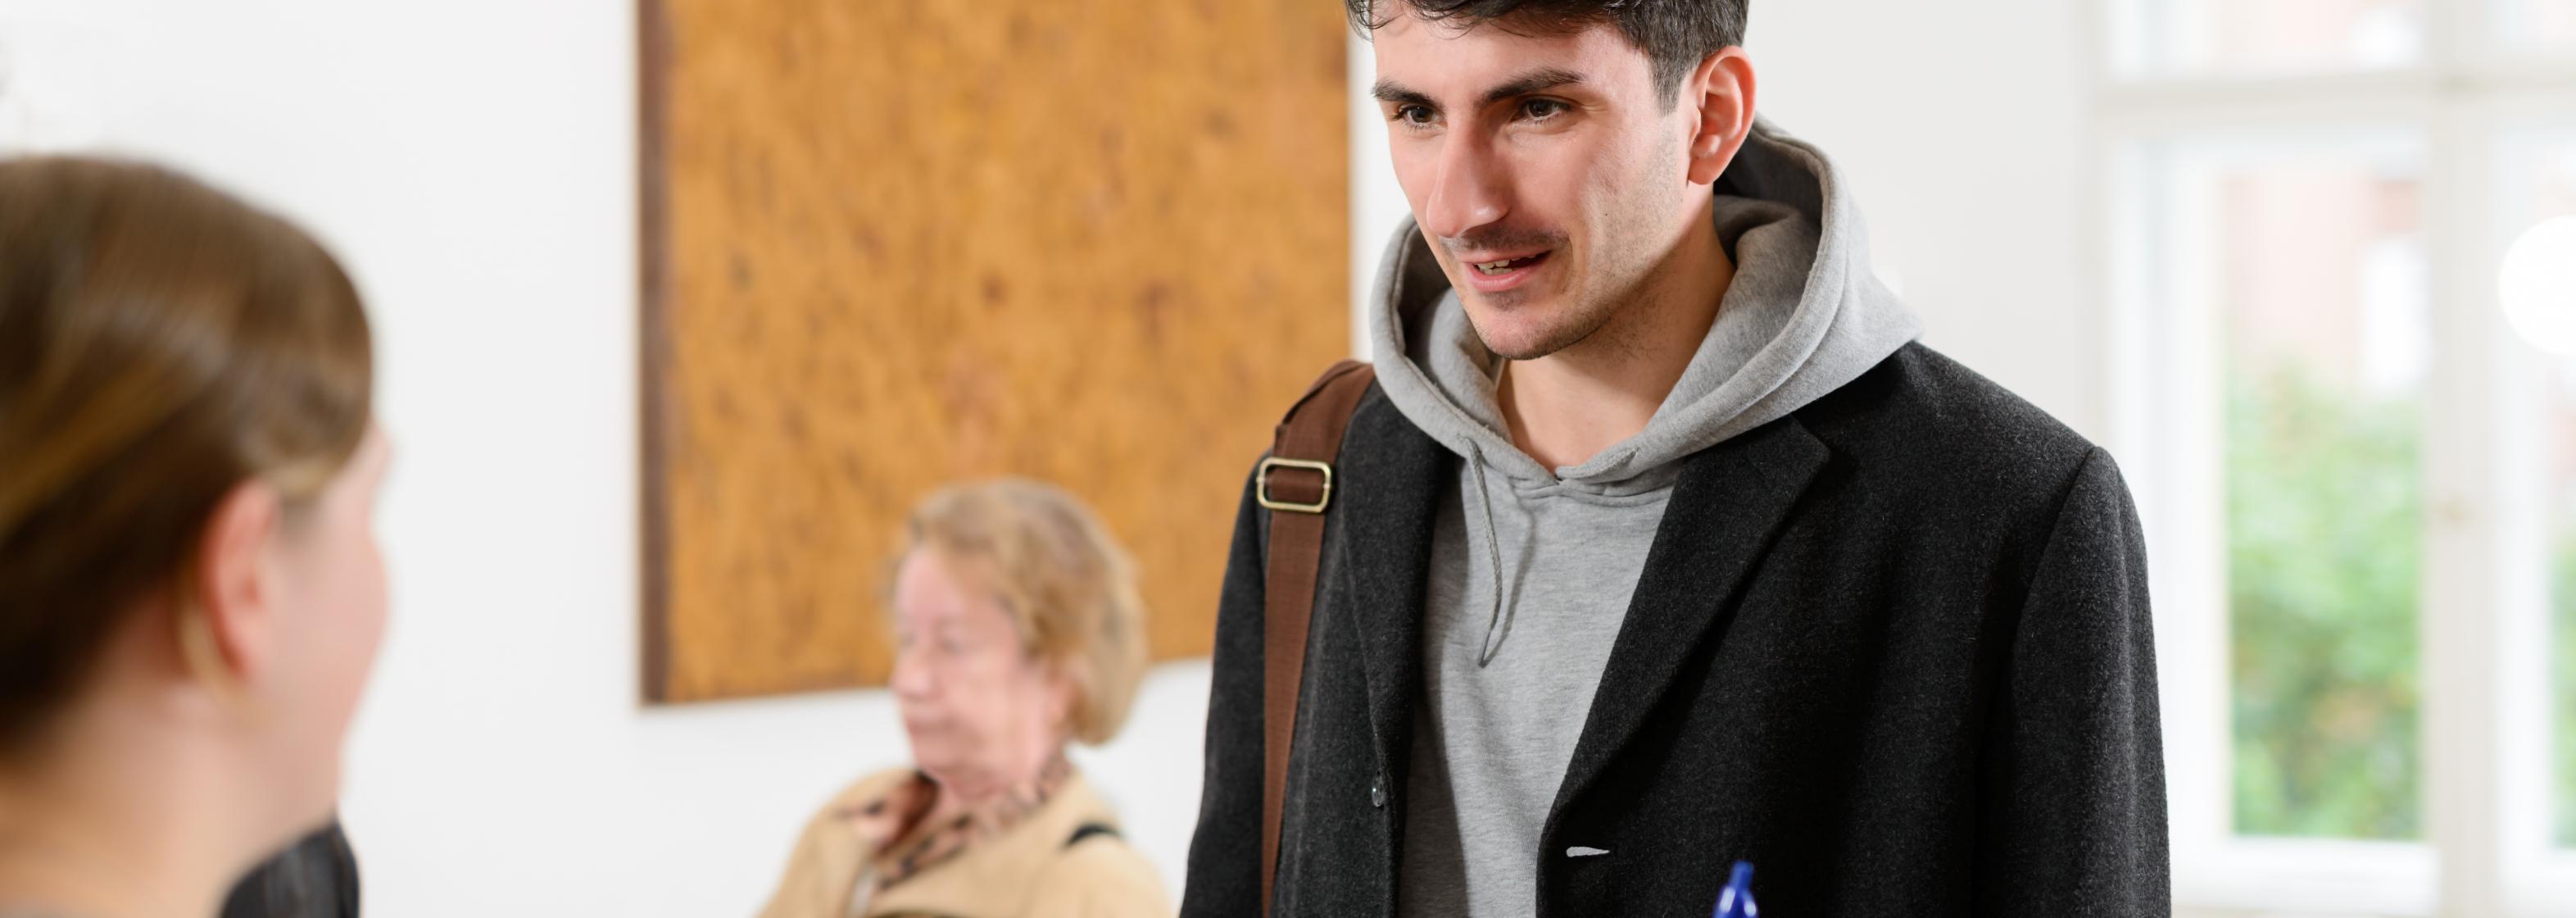 Junger Mann beim Arzt